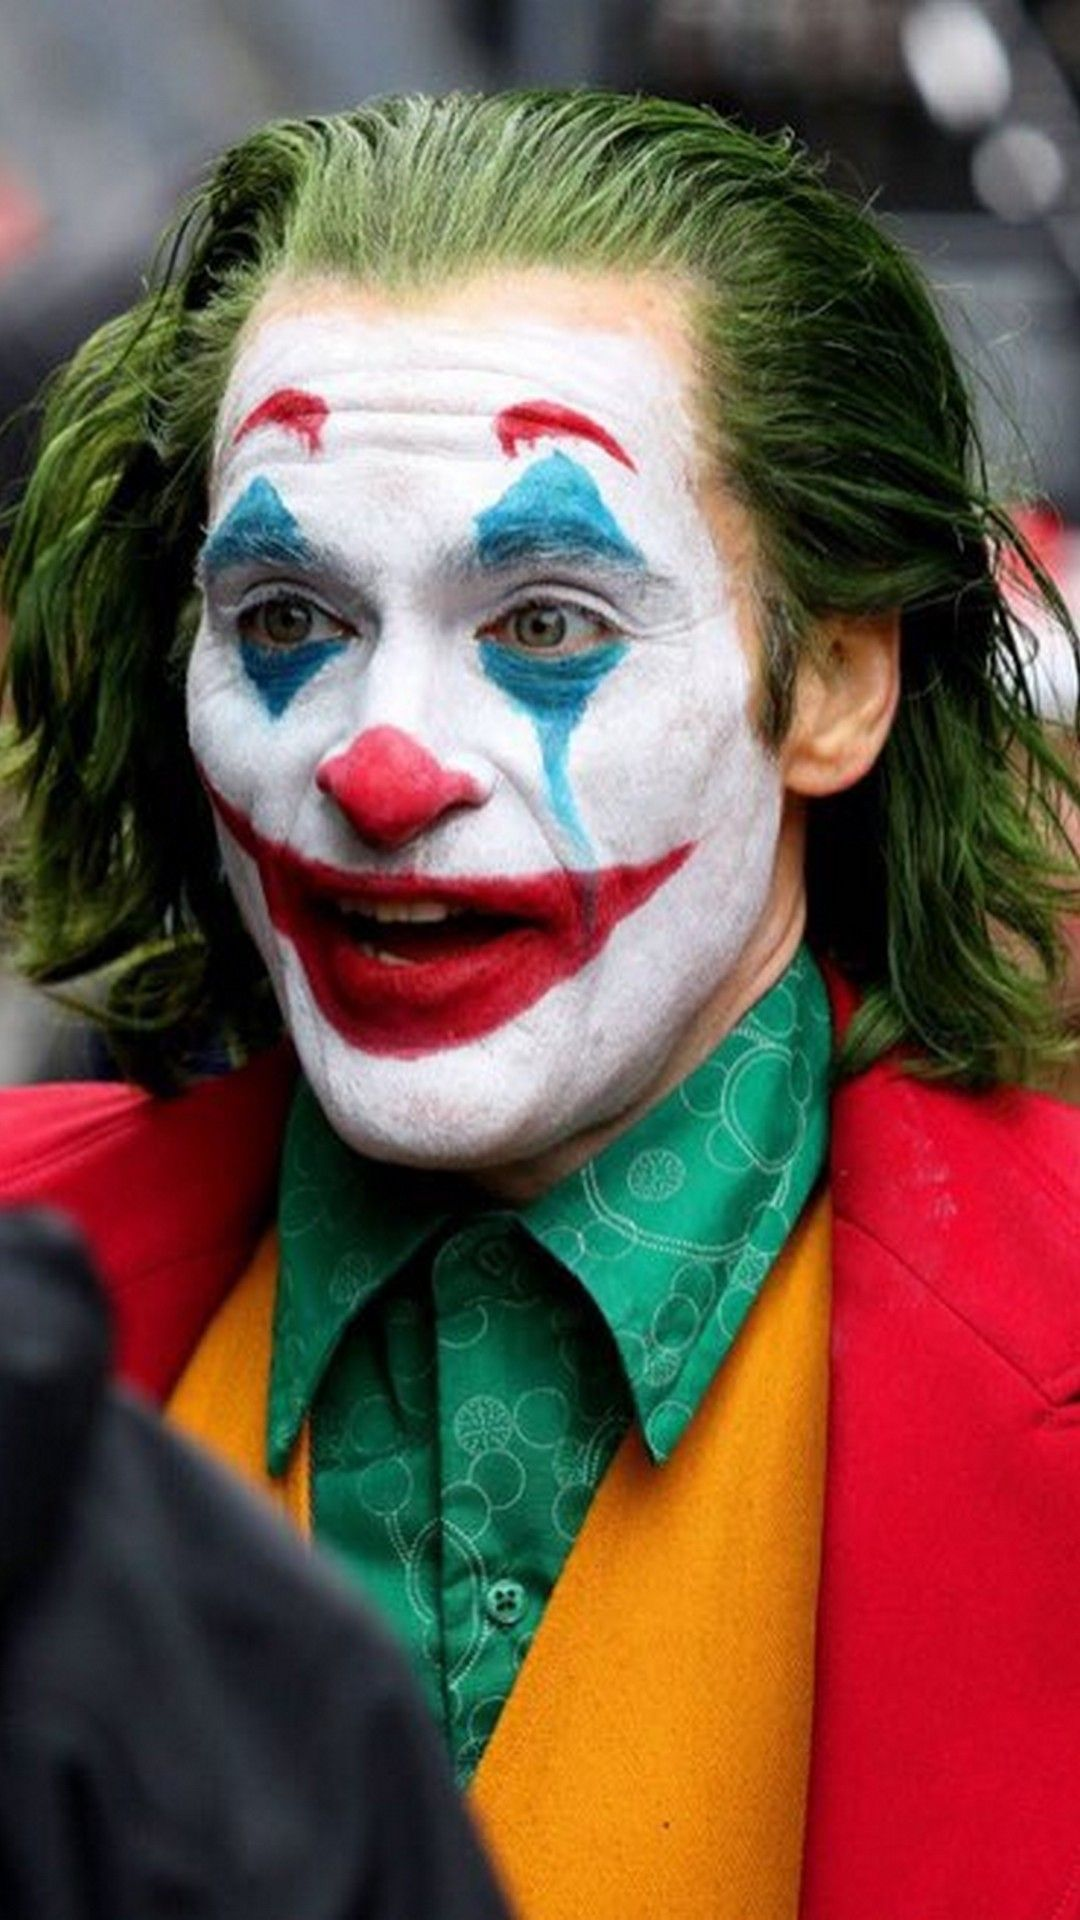 Hd Joker Pelicula Completa Gratis Online En Espanol Latino Fotos Do Joker Cosplay Do Coringa Fotos Coringa